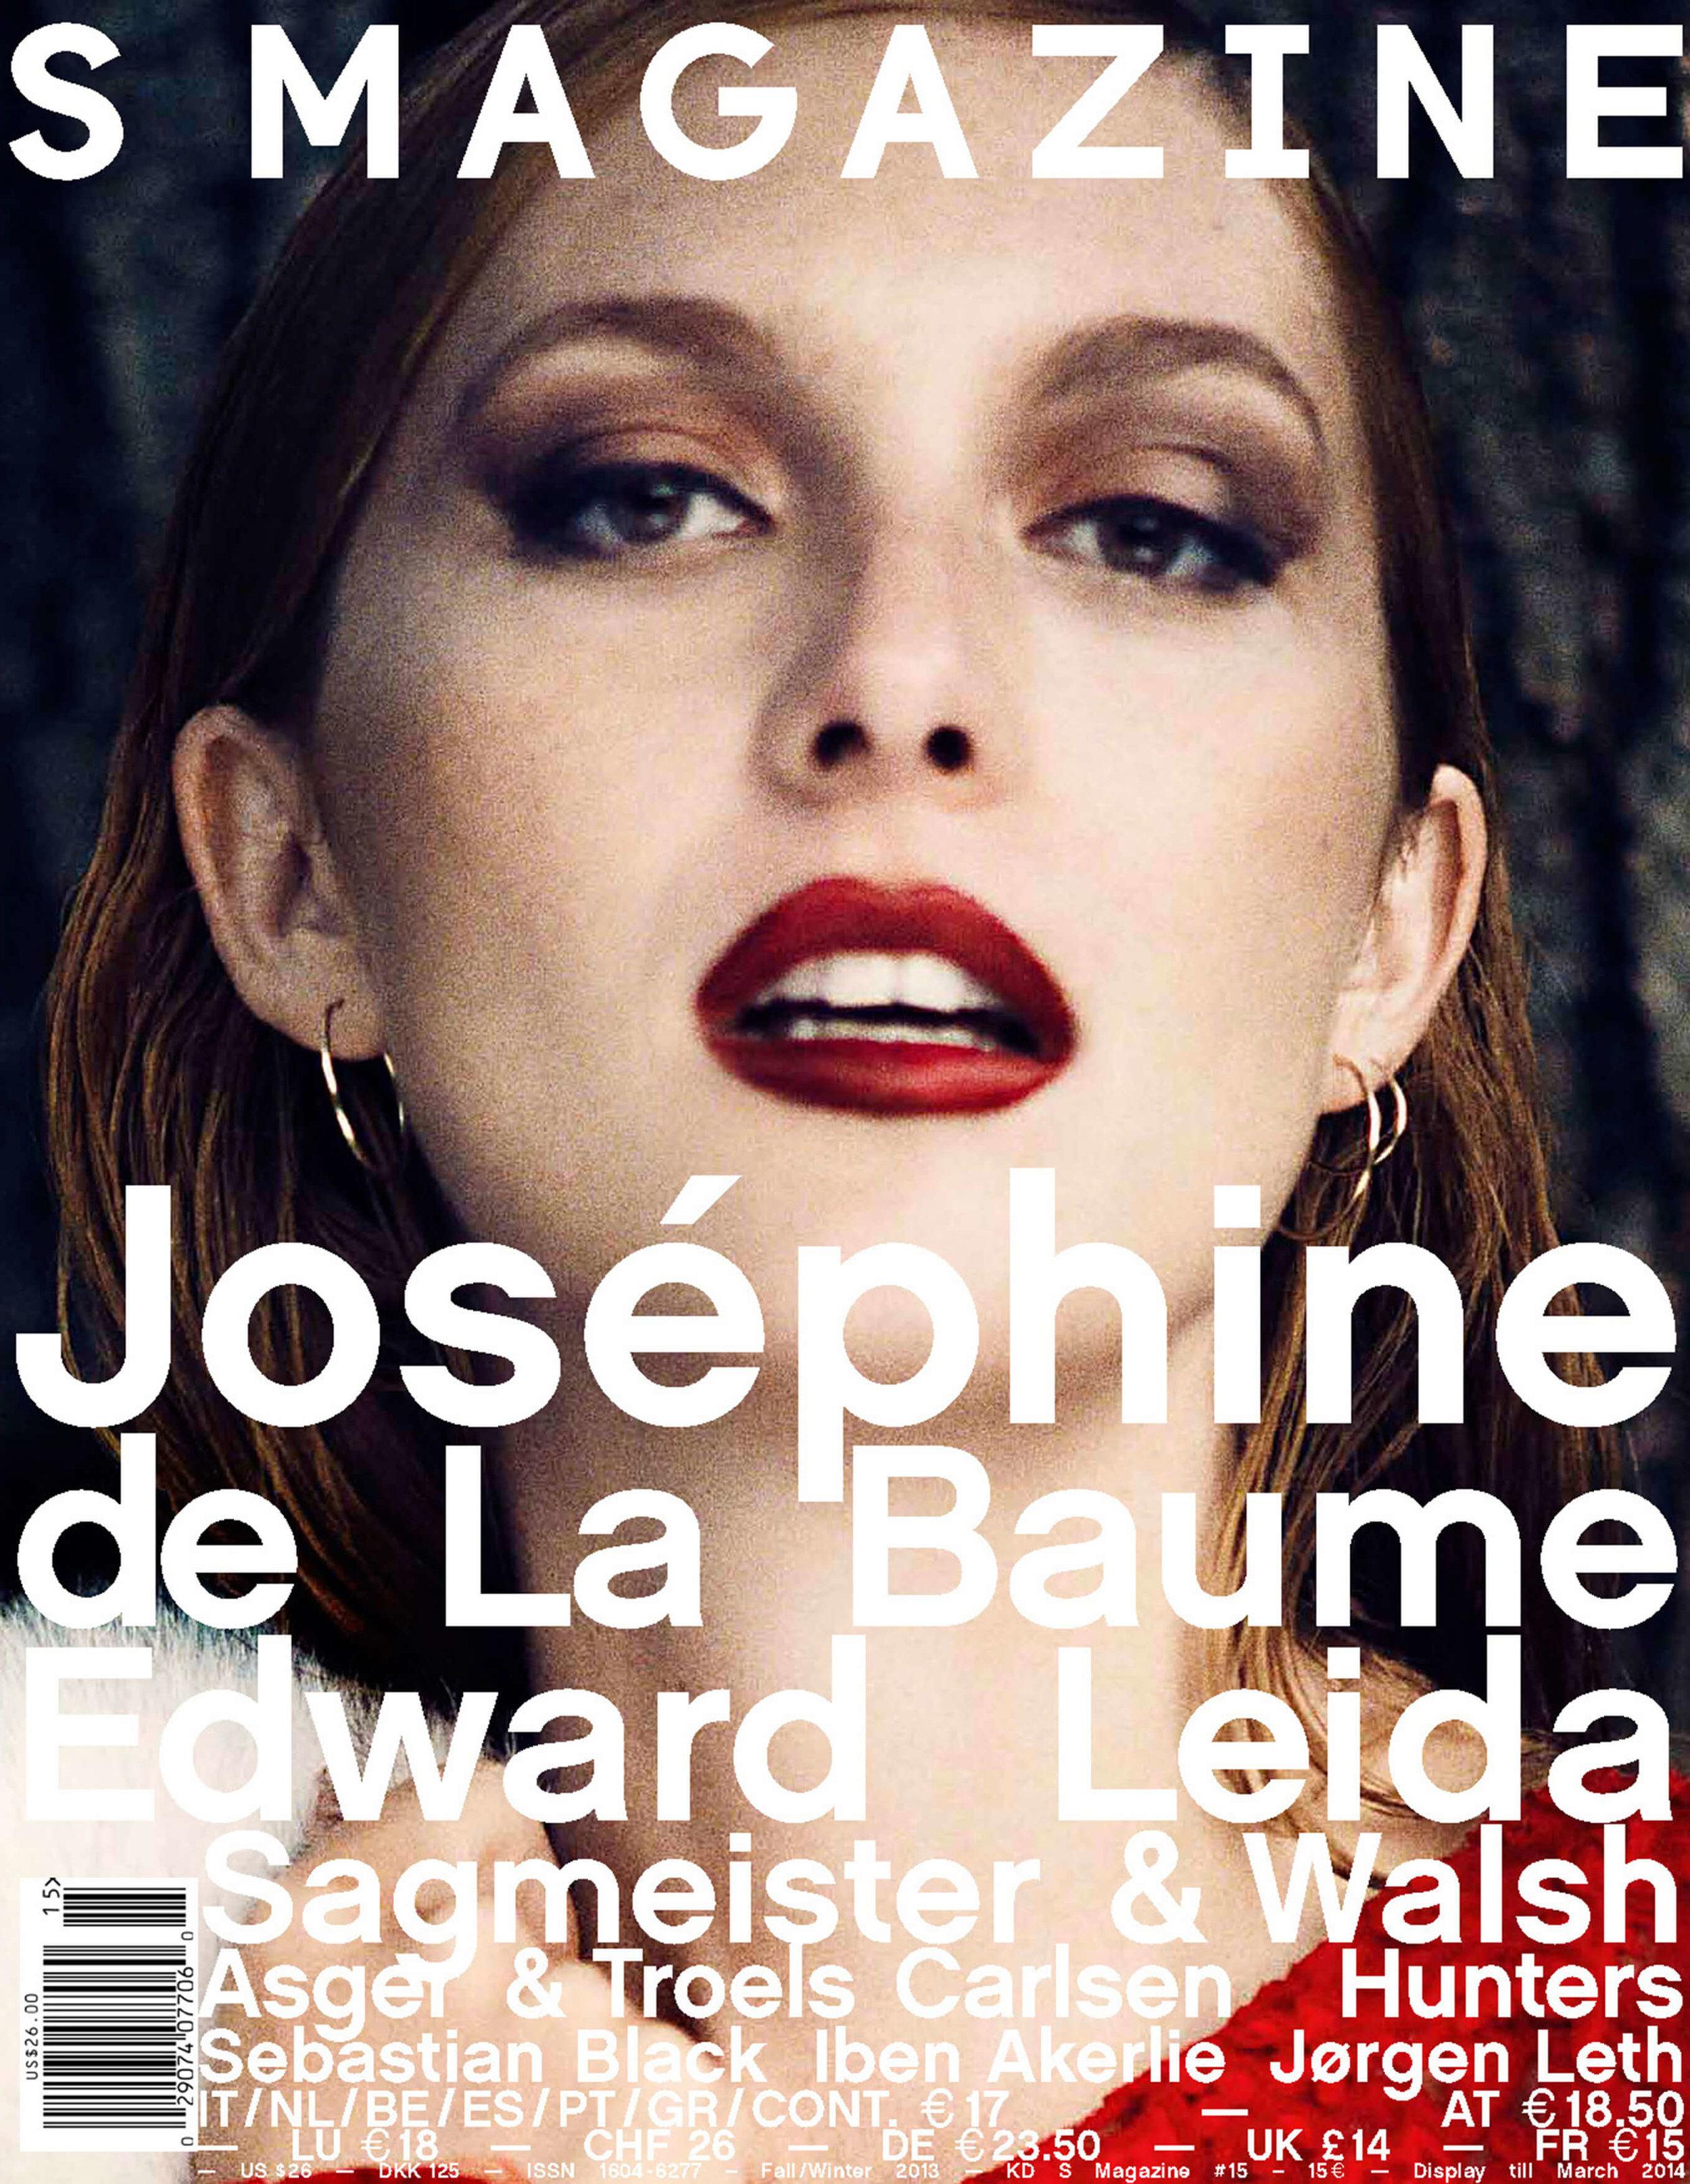 JosephineDeLaBaume_09.jpg